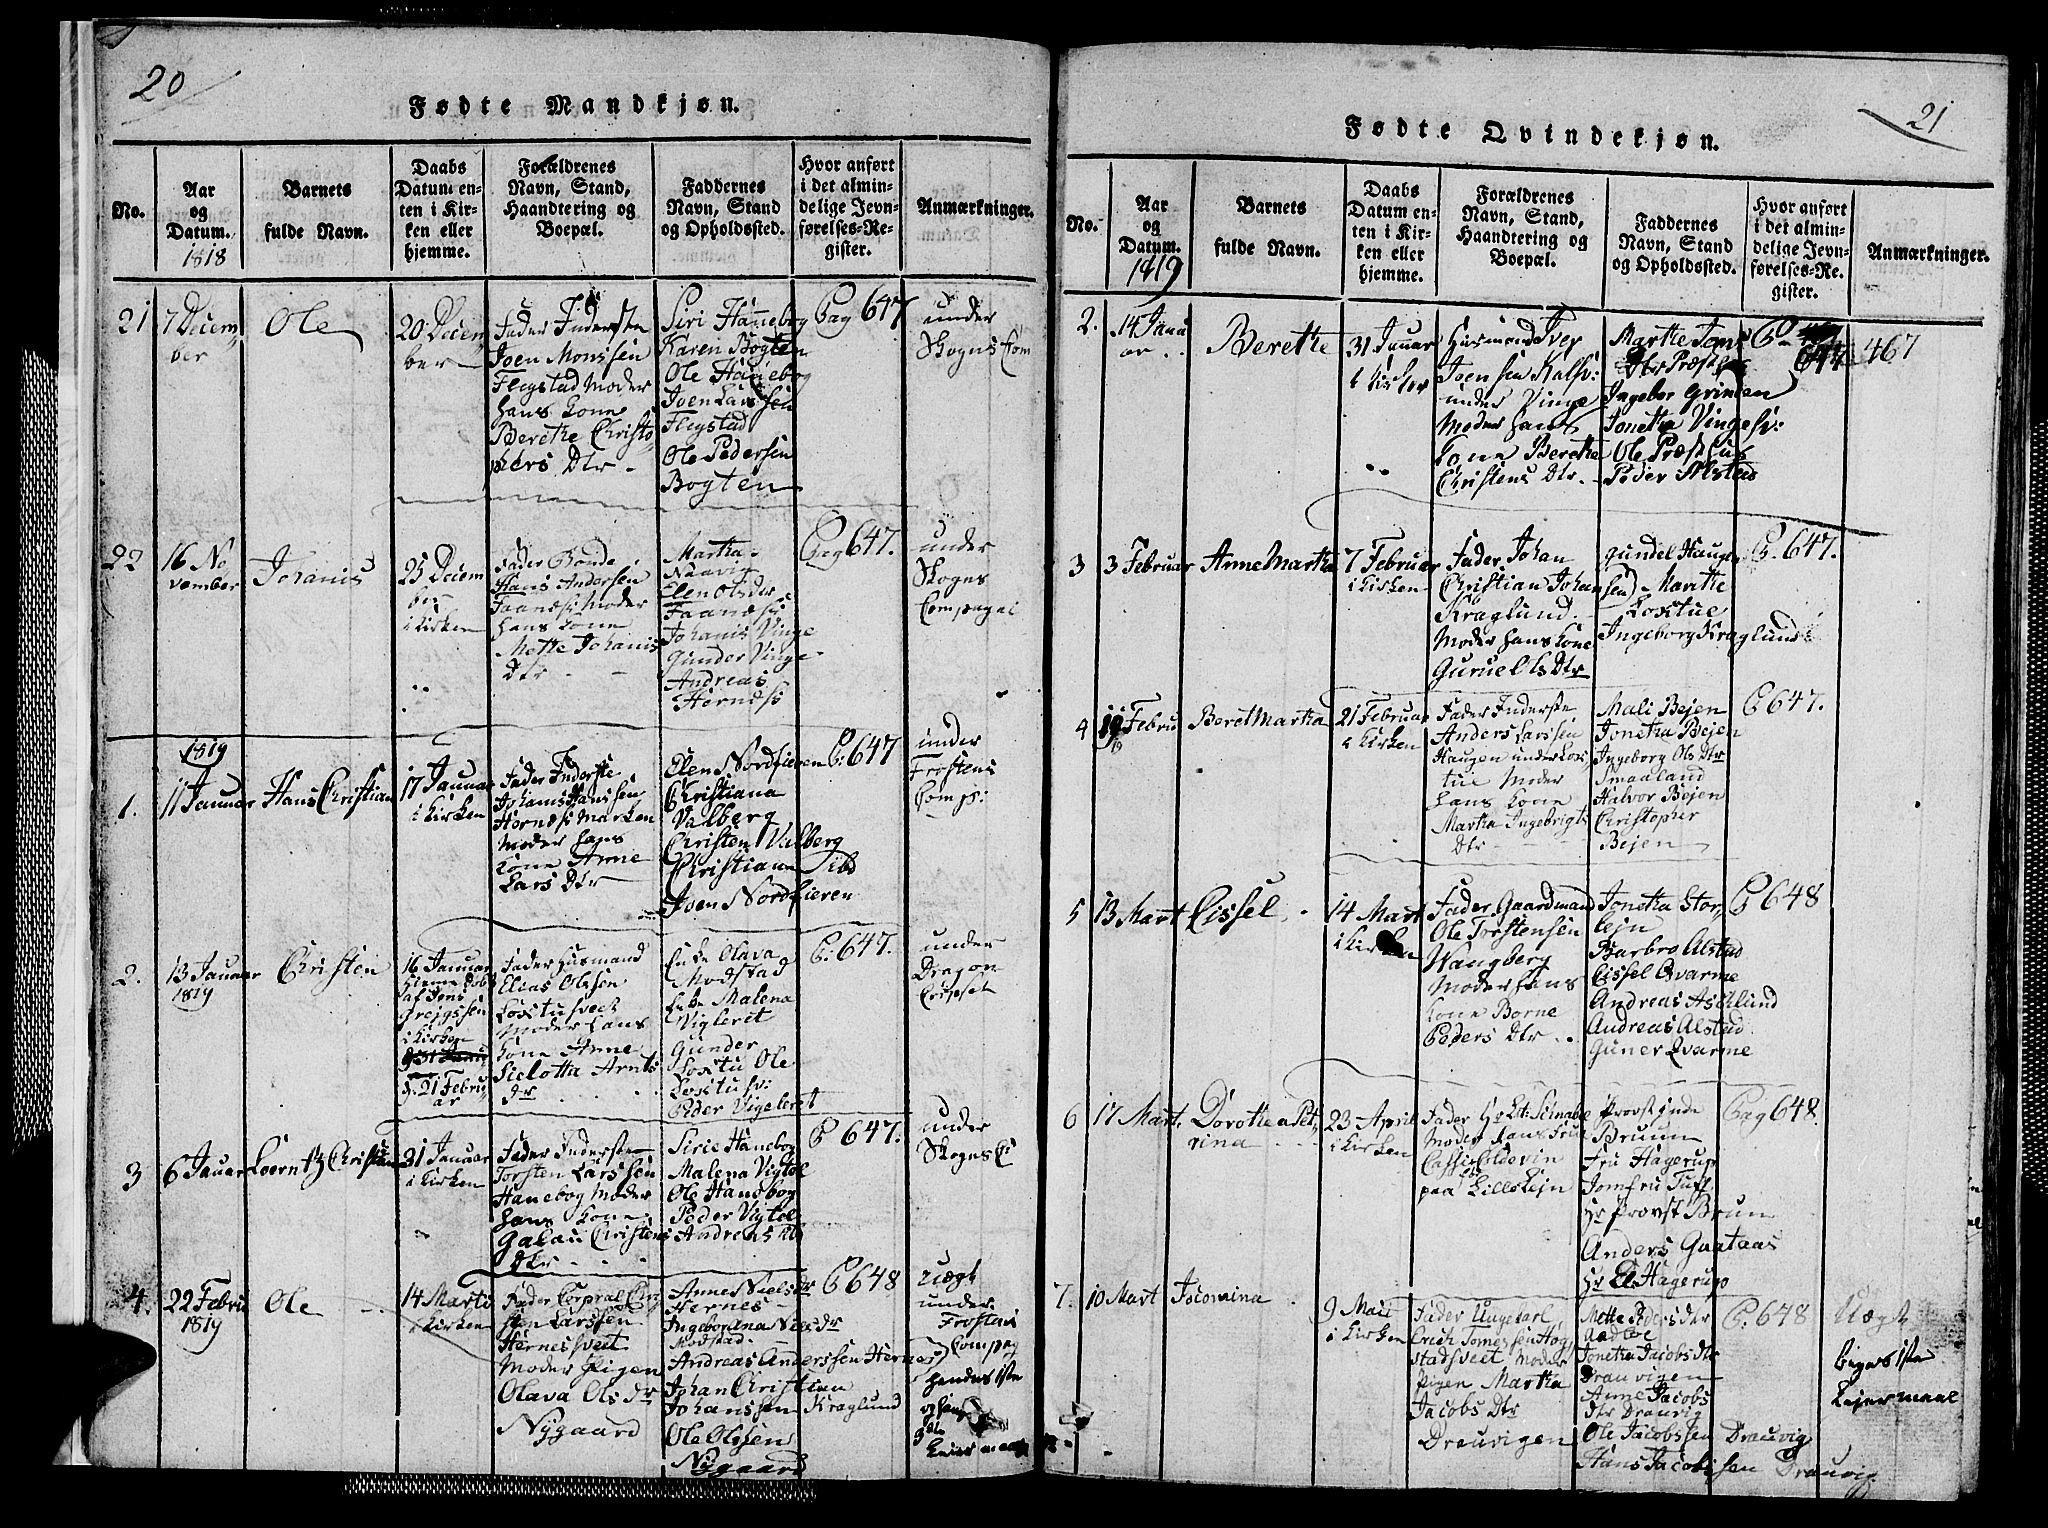 SAT, Ministerialprotokoller, klokkerbøker og fødselsregistre - Nord-Trøndelag, 713/L0124: Klokkerbok nr. 713C01, 1817-1827, s. 20-21